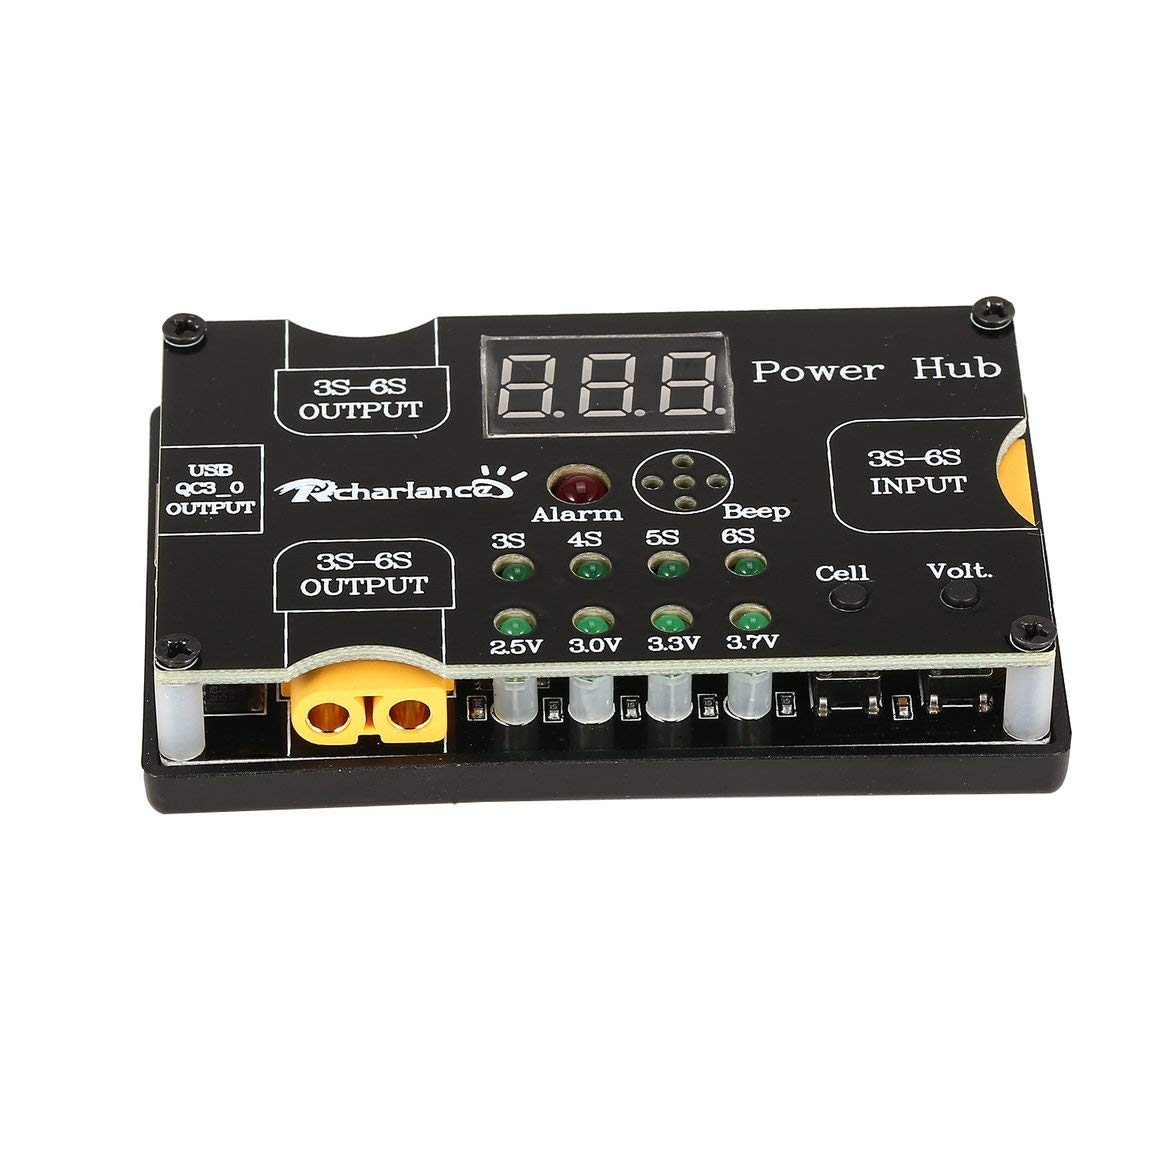 ハブ電源XT60 3A充電器用電源アダプタボード電話ipadスマート充電装置rcドローンクアドコプターアクセサリー - ブラック B07NC63HF8